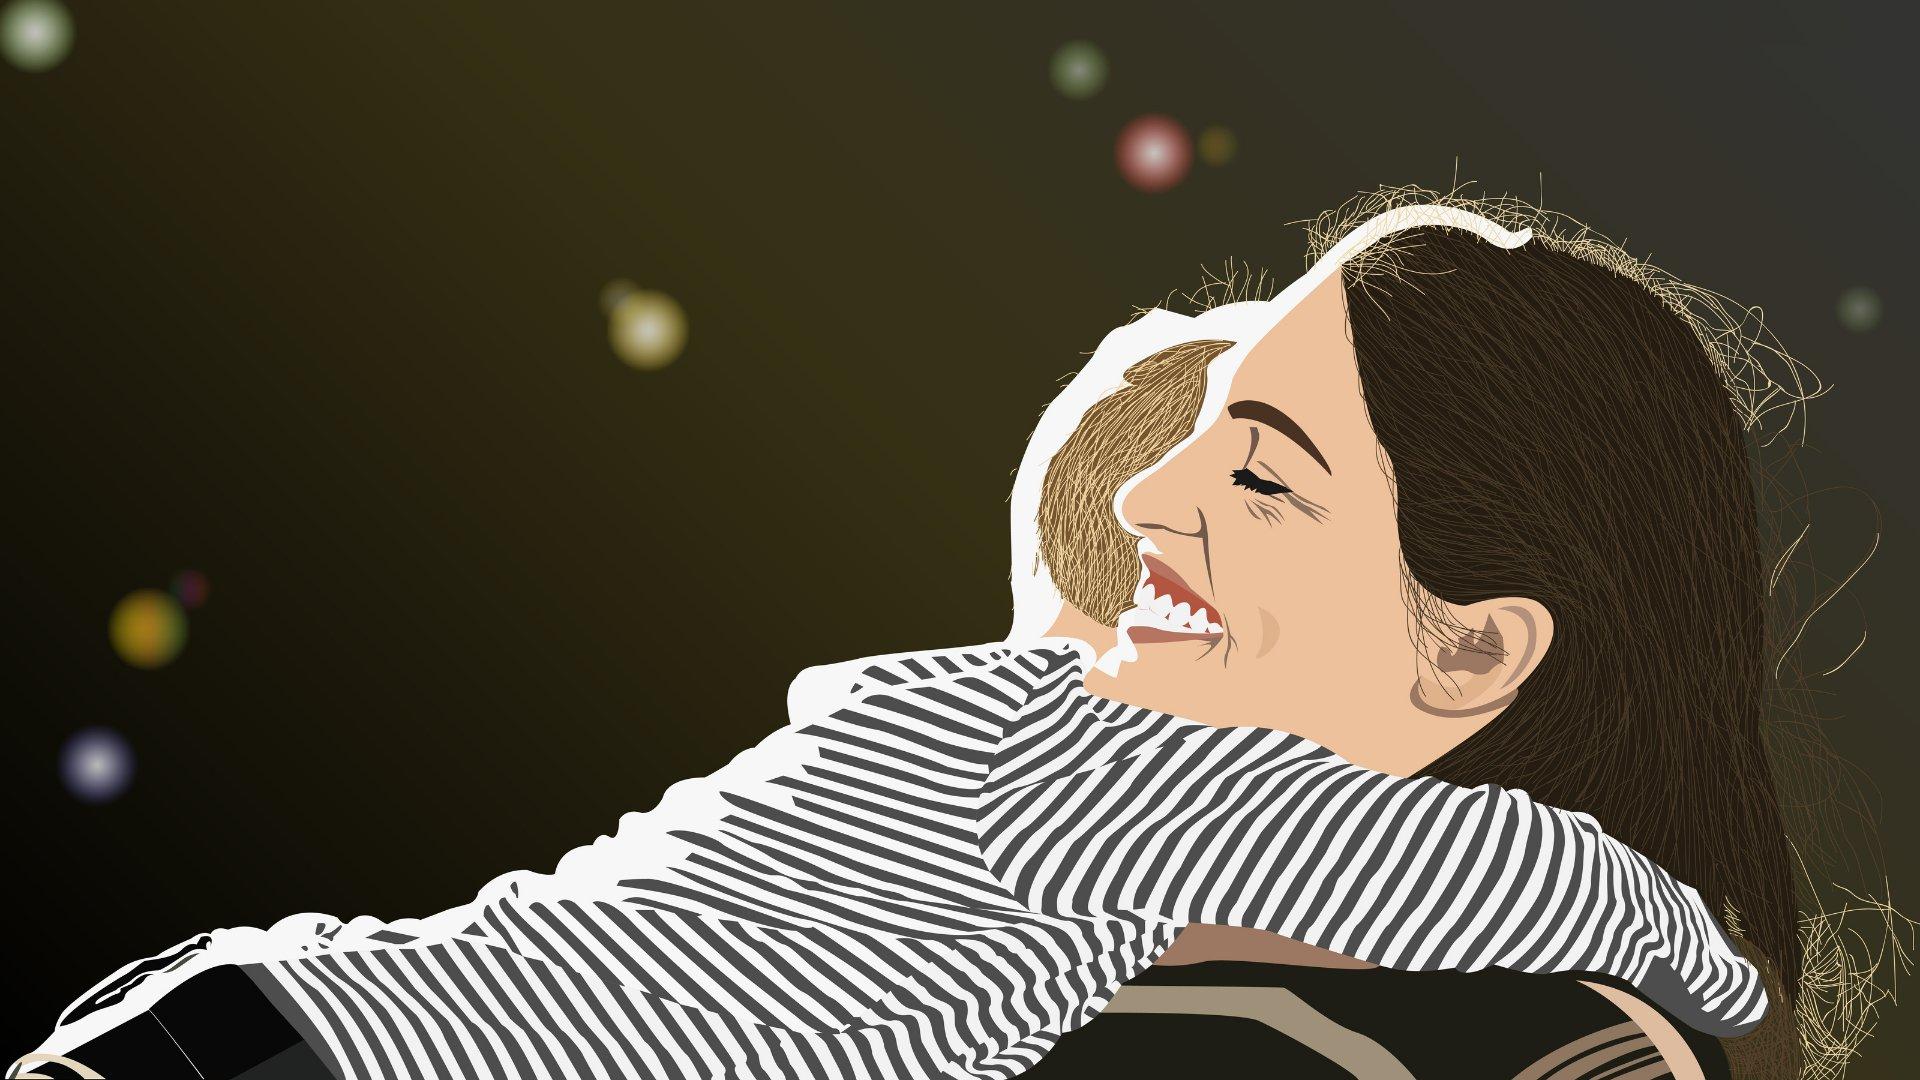 Desenho de mãe e filho abraçados